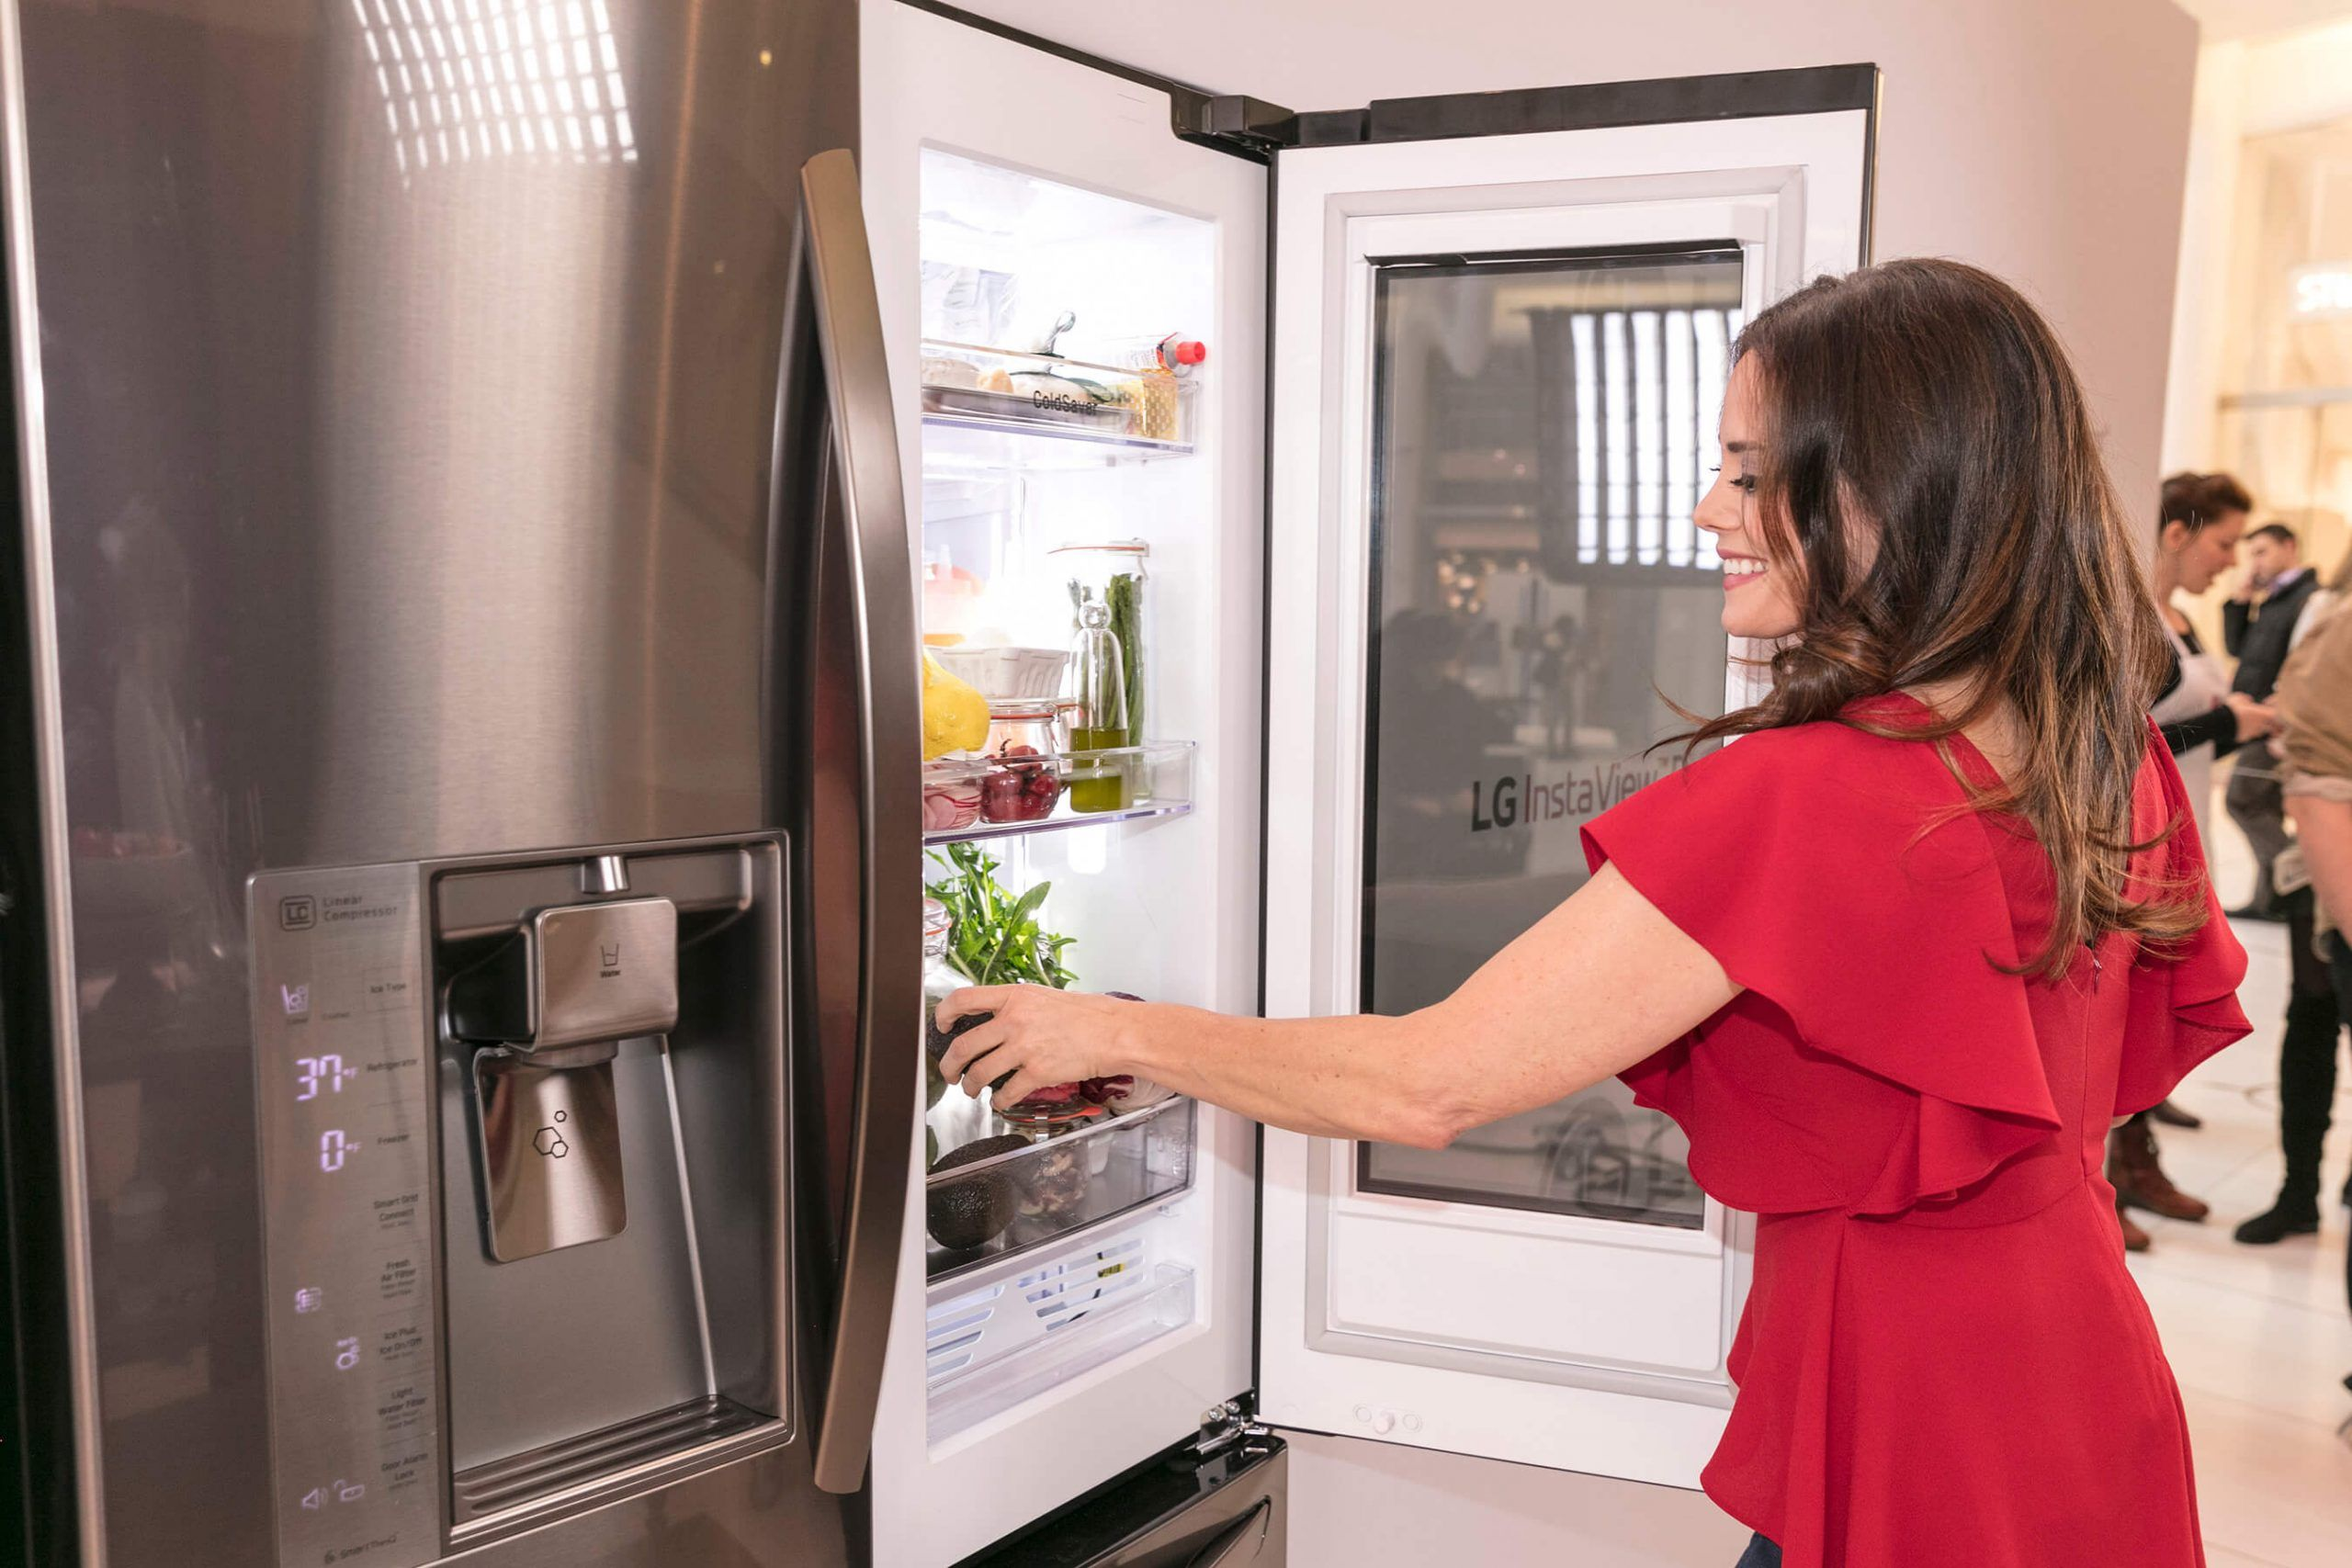 Lý do làm bong tróc lớp sơn tủ lạnh bạn cần biết